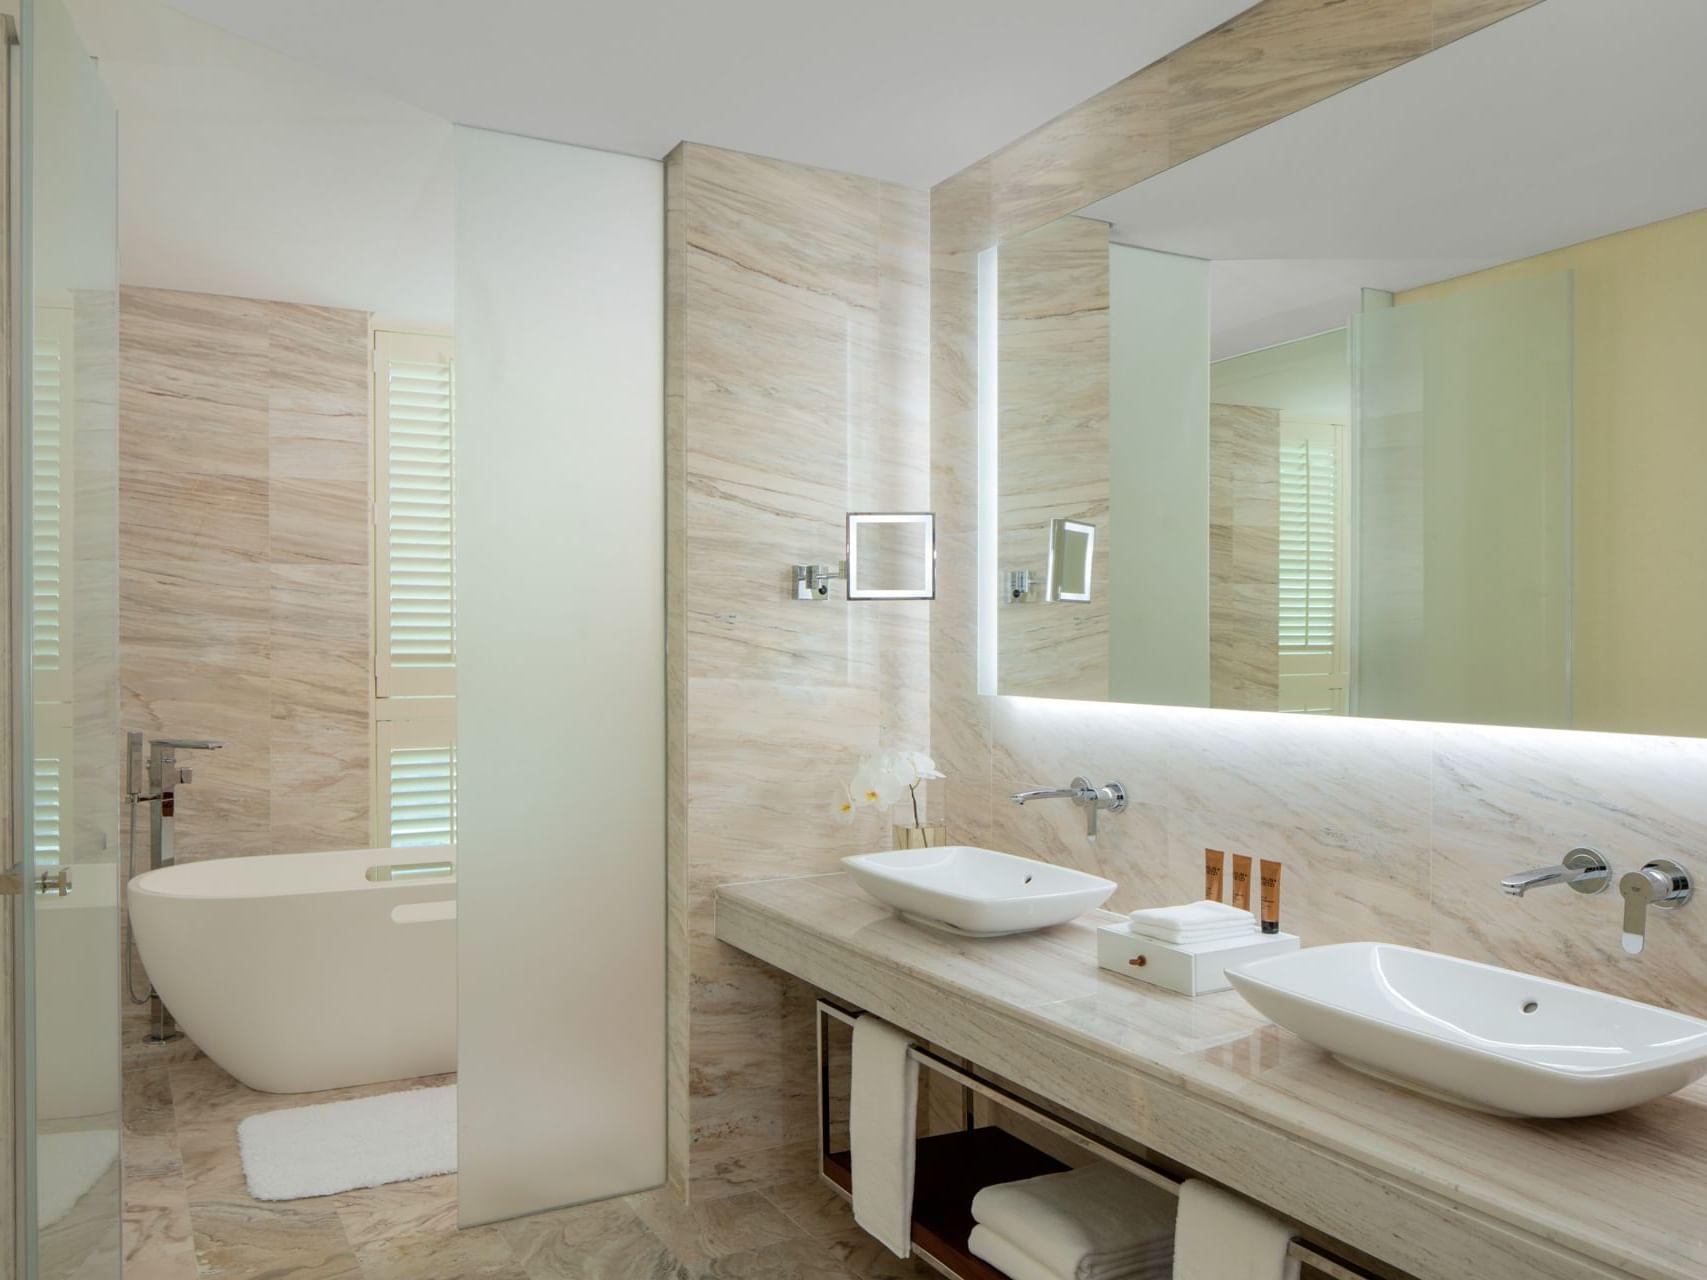 迪拜派拉蒙酒店卡洛尔套房